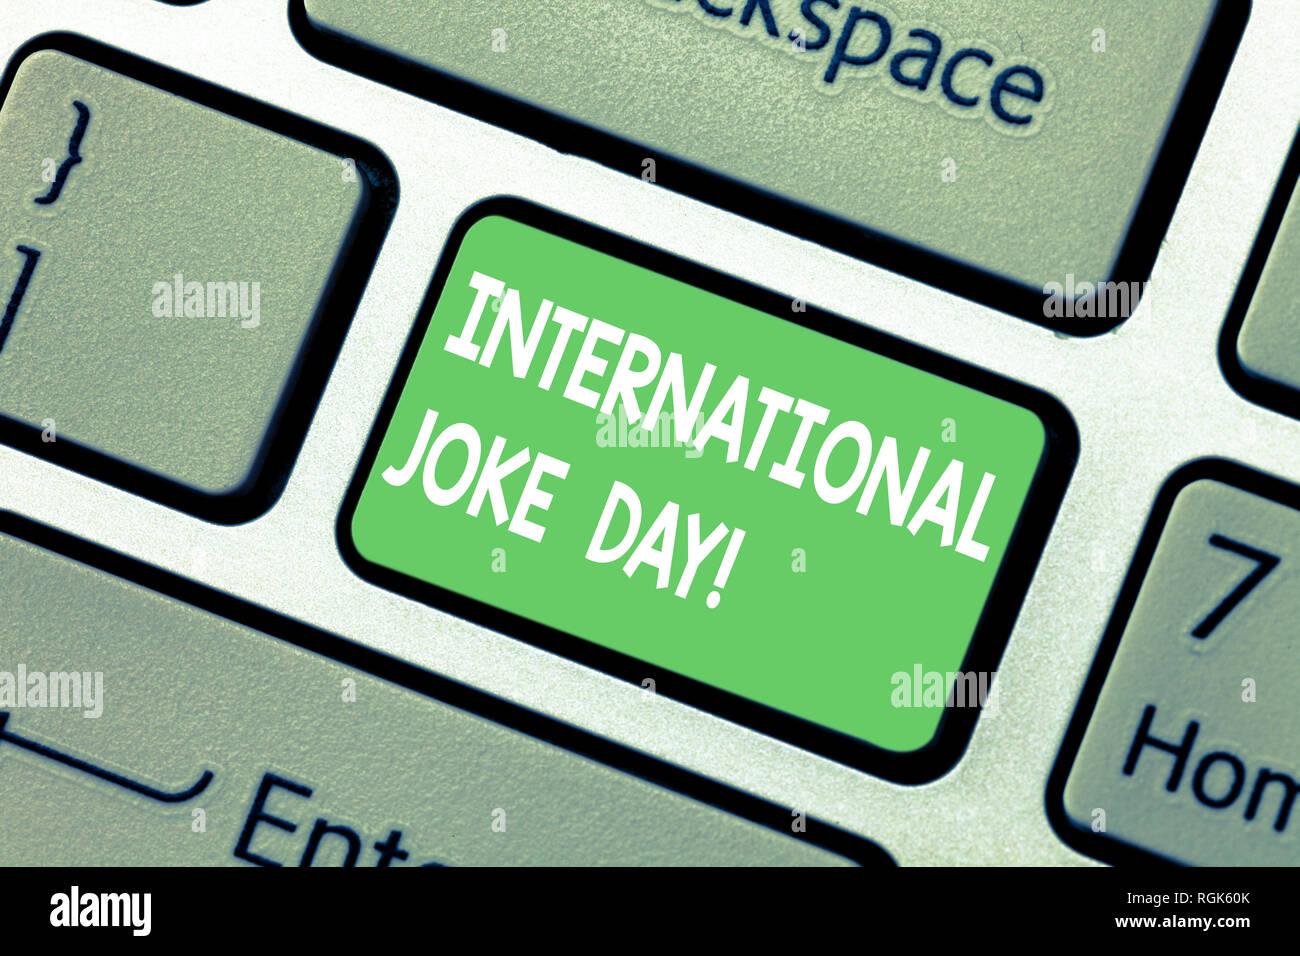 Escritura de texto Word broma del día internacional. Concepto de negocio para vacaciones para celebrar el beneficio de buen humor tecla intención crear compute Imagen De Stock